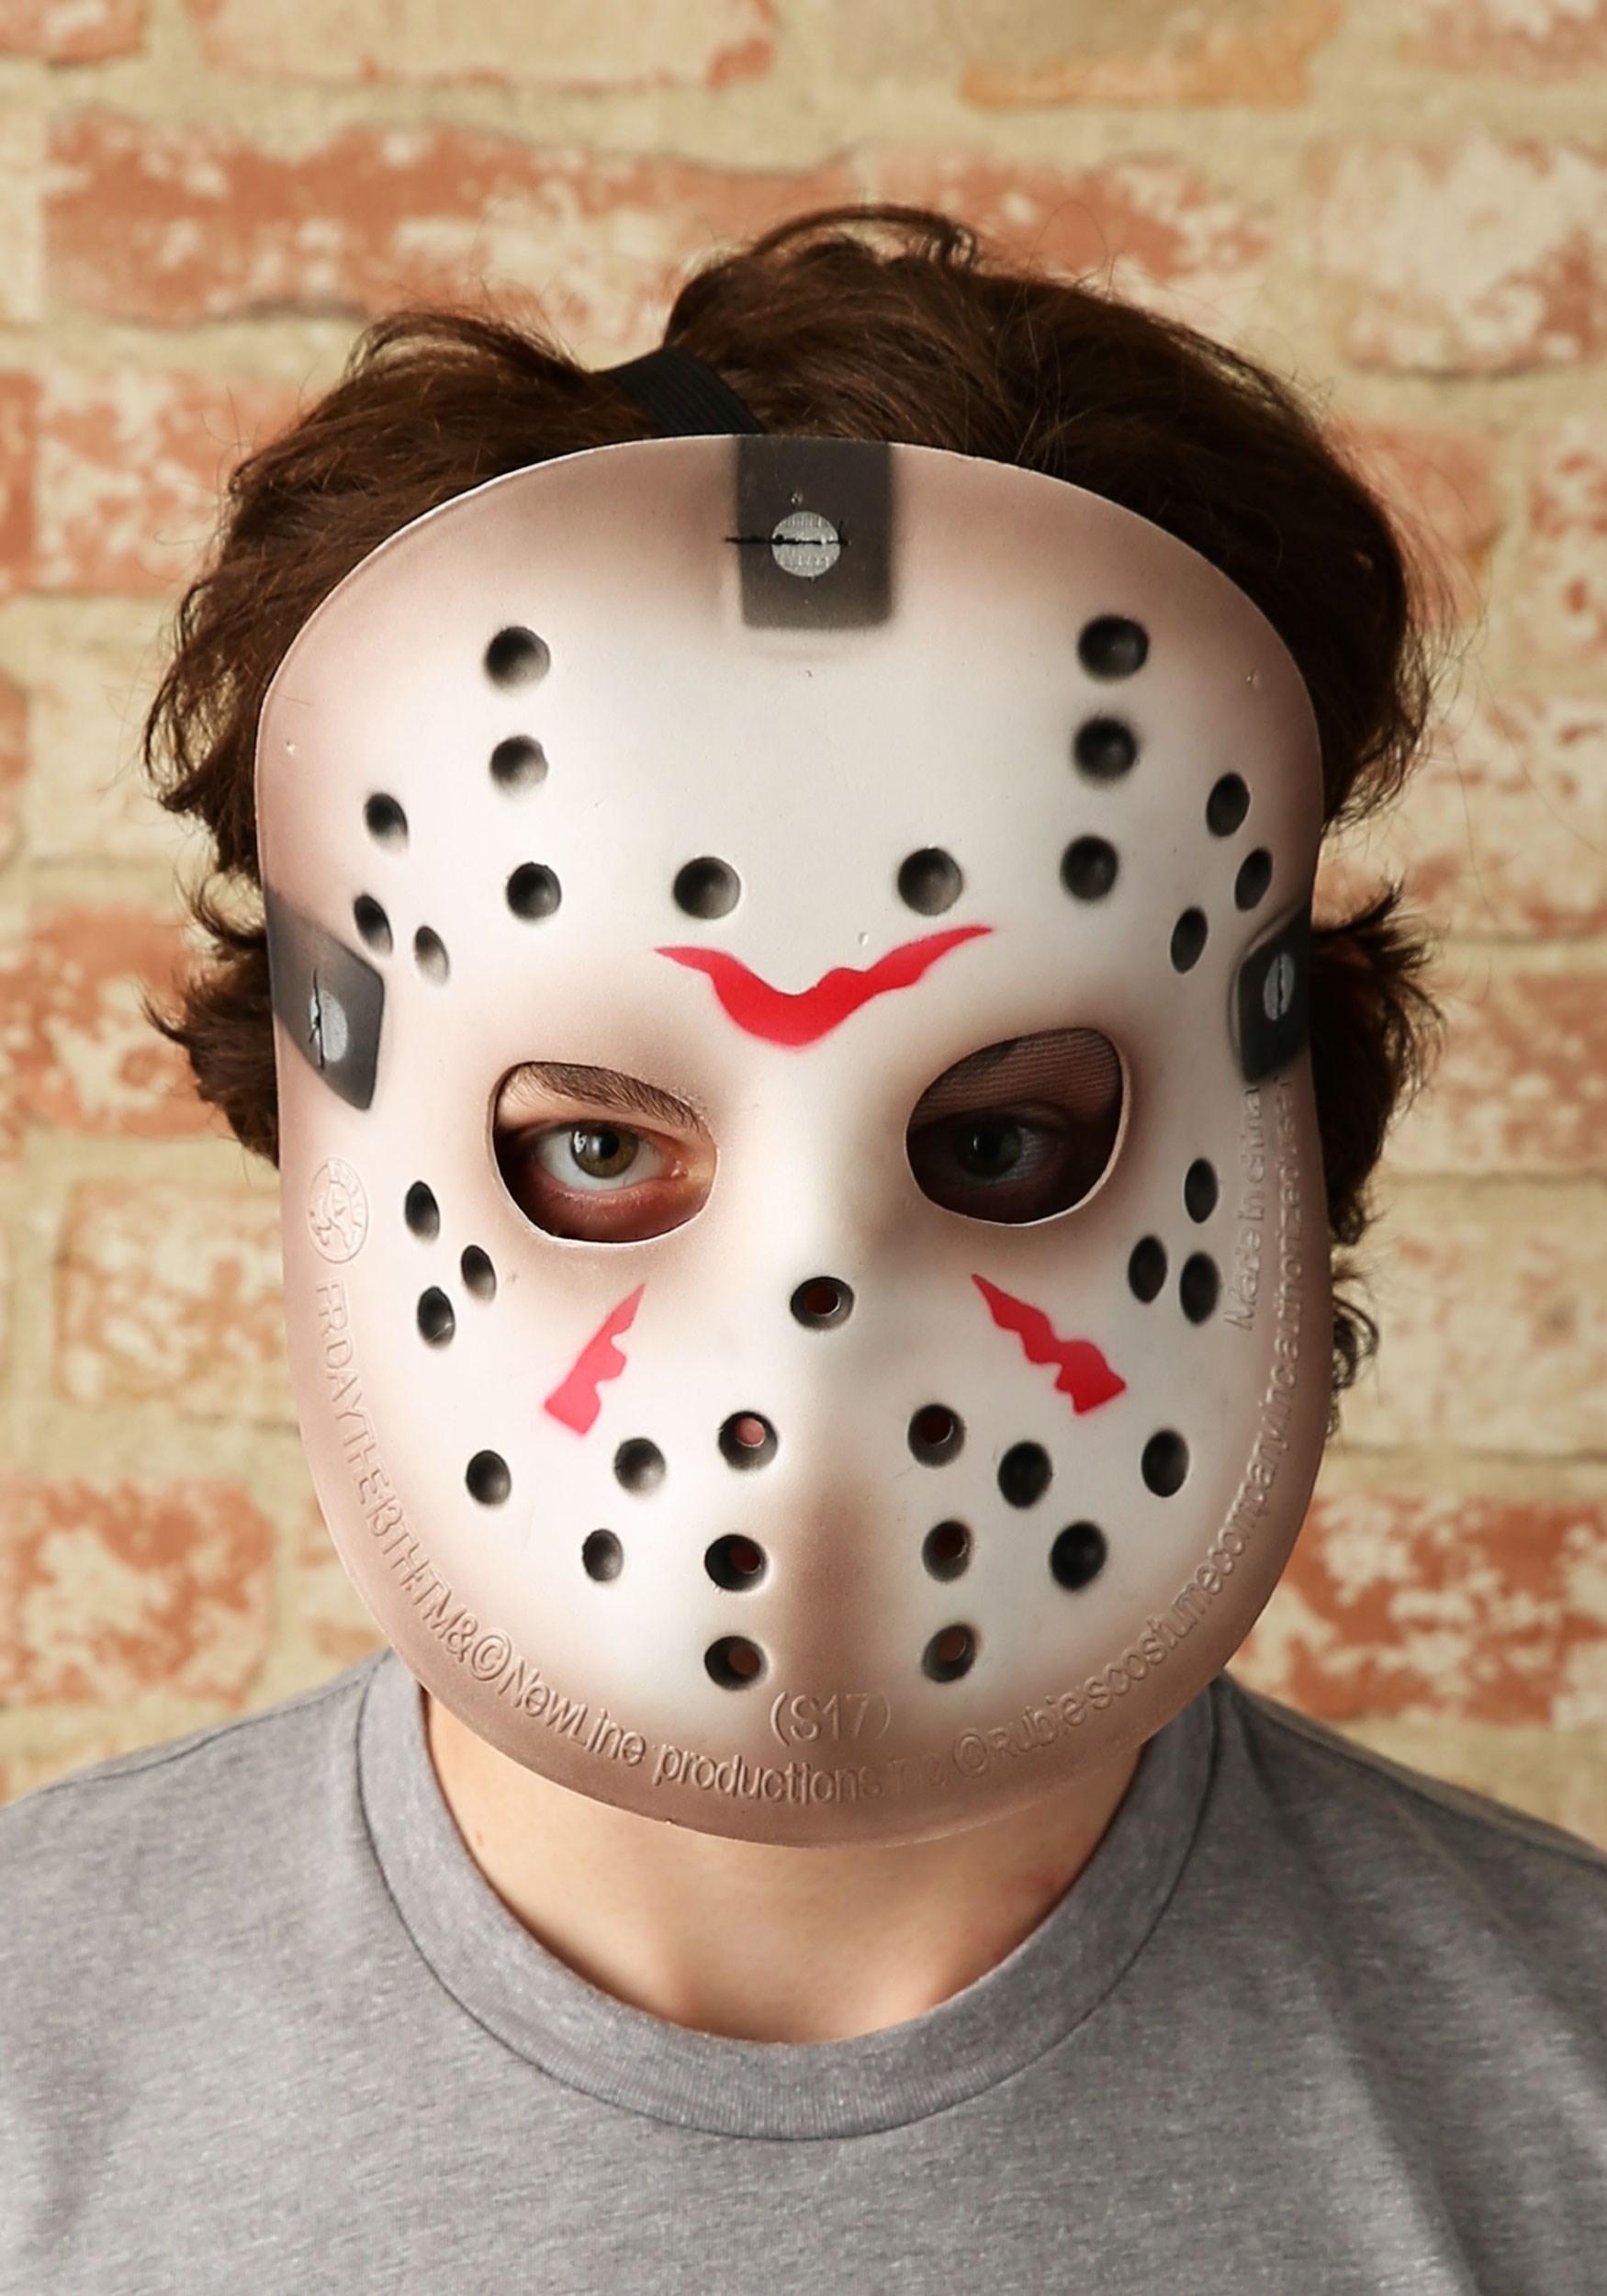 Jason mask images 1